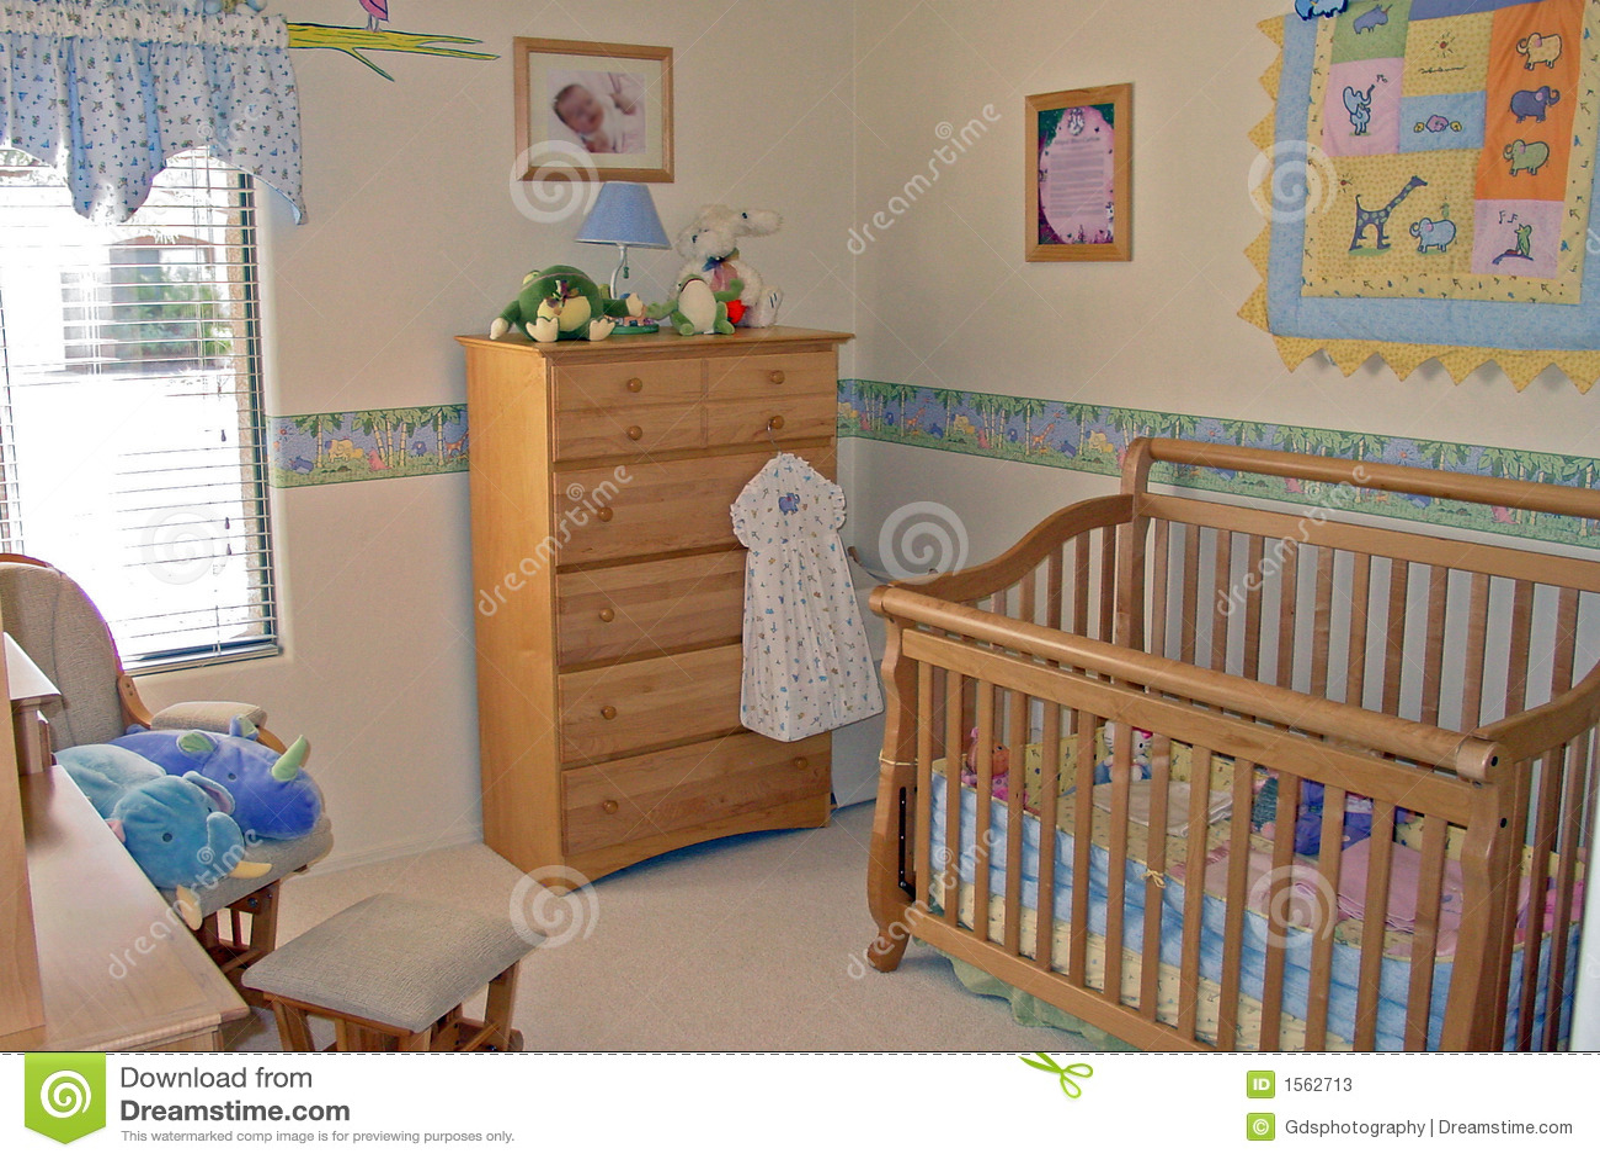 Camera bambino camere da letto ikea complete bambino - Ikea camere da letto complete ...